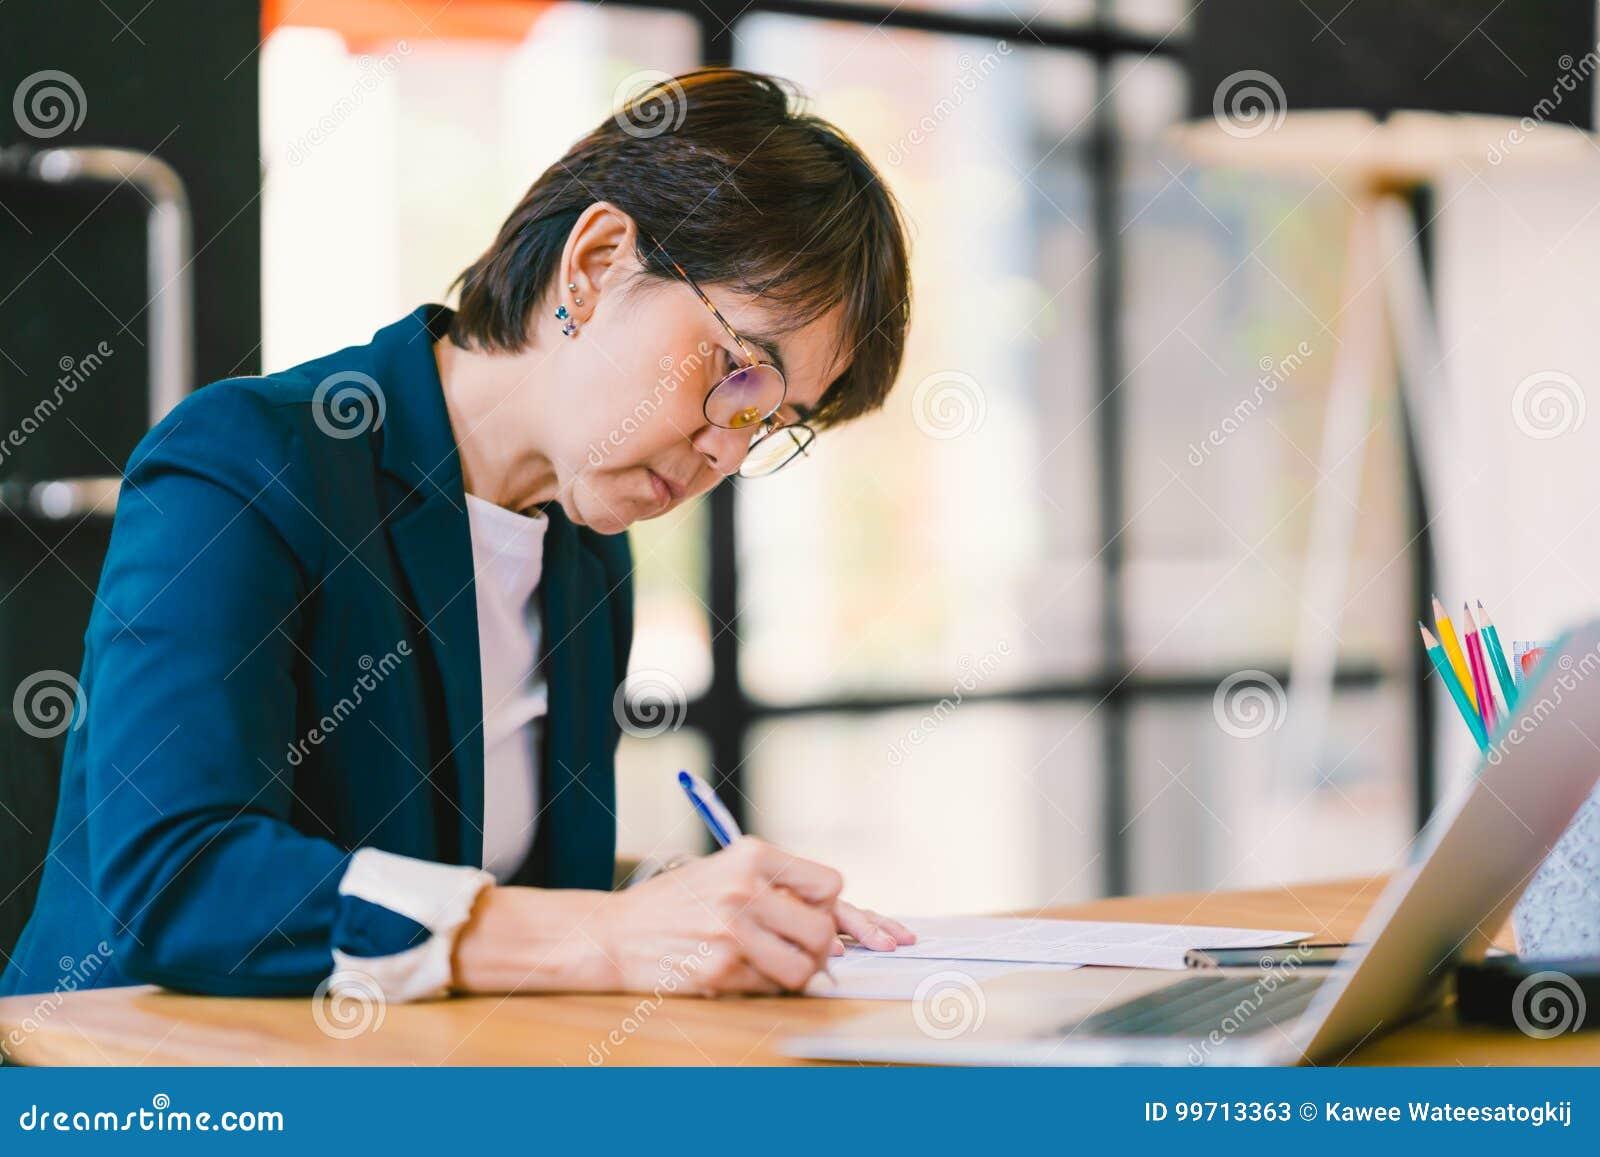 Middenleeftijds Aziatische vrouw die aan administratie in modern bureau, met laptop computer werken Bedrijfseigenaar of onderneme